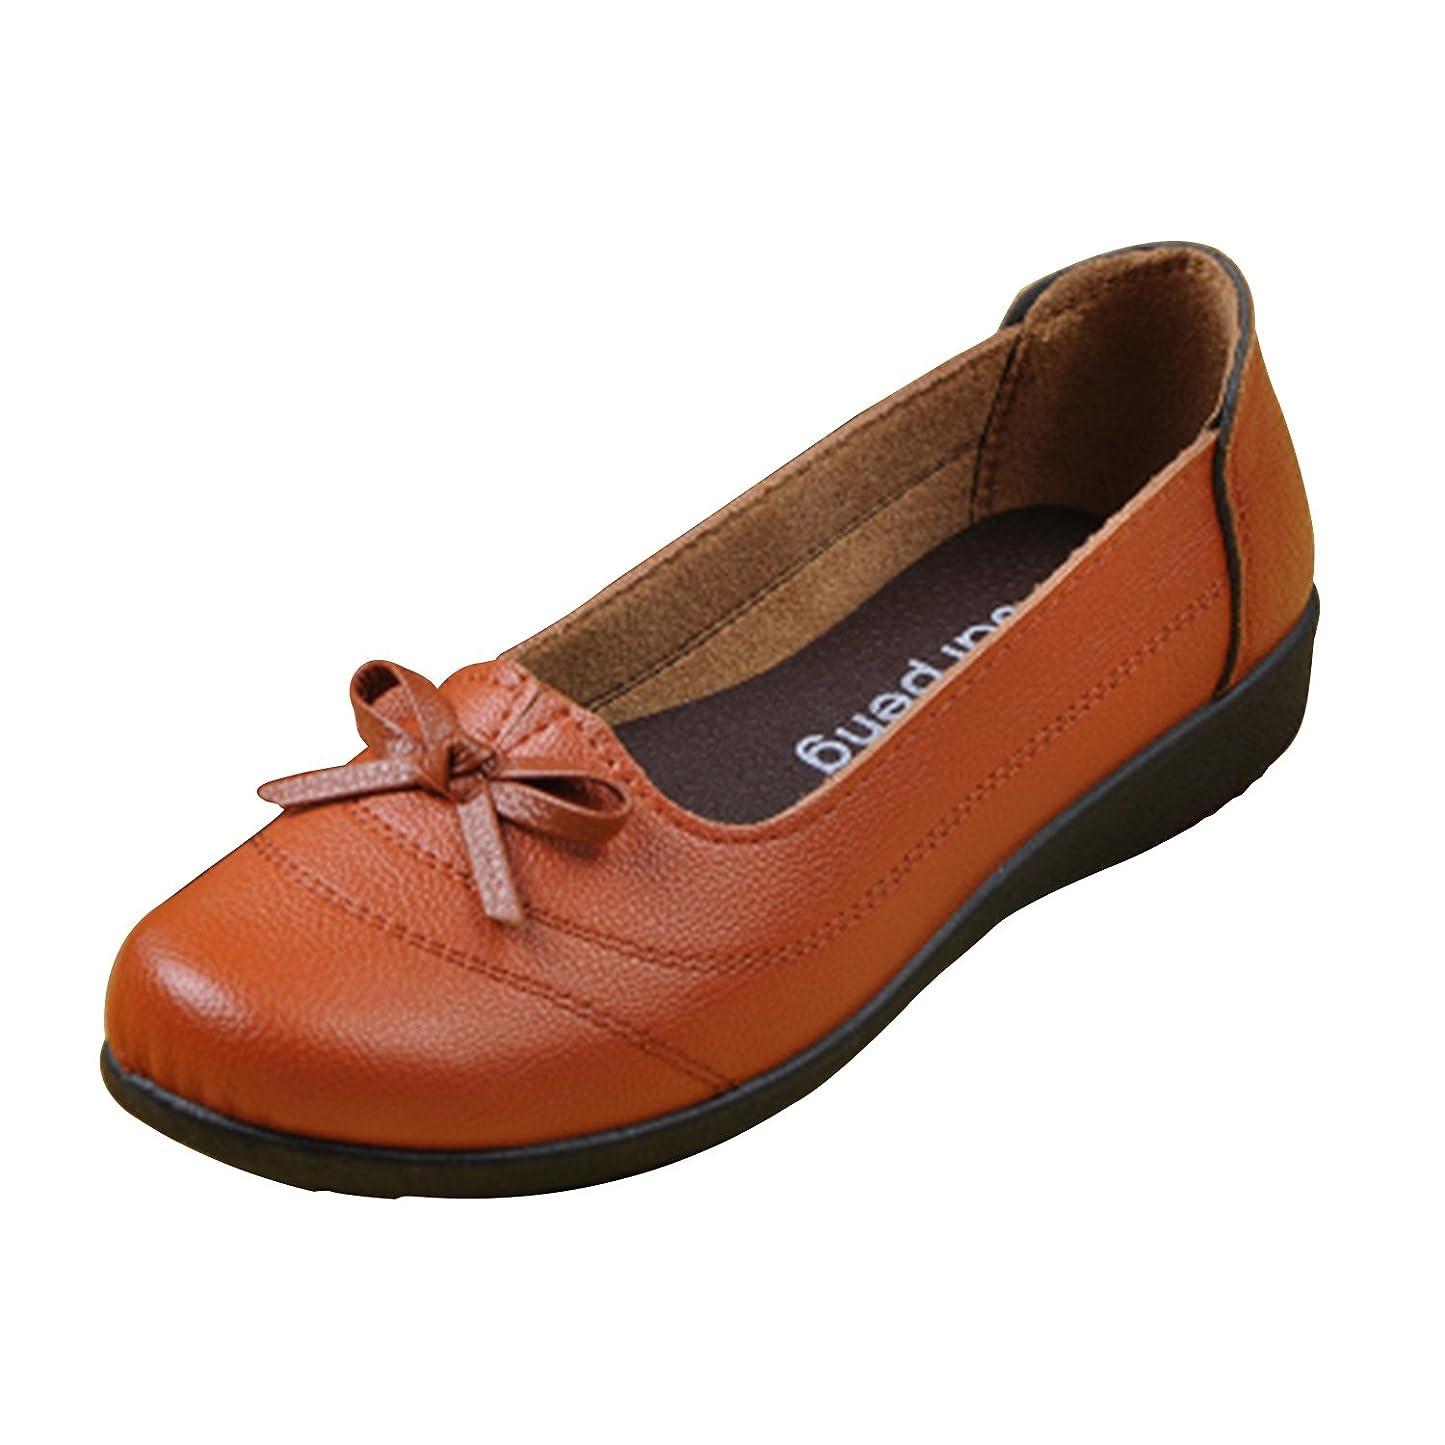 行商人偽バット高級 革靴 レディース パンプス 2色 ビジネス フラット レザー